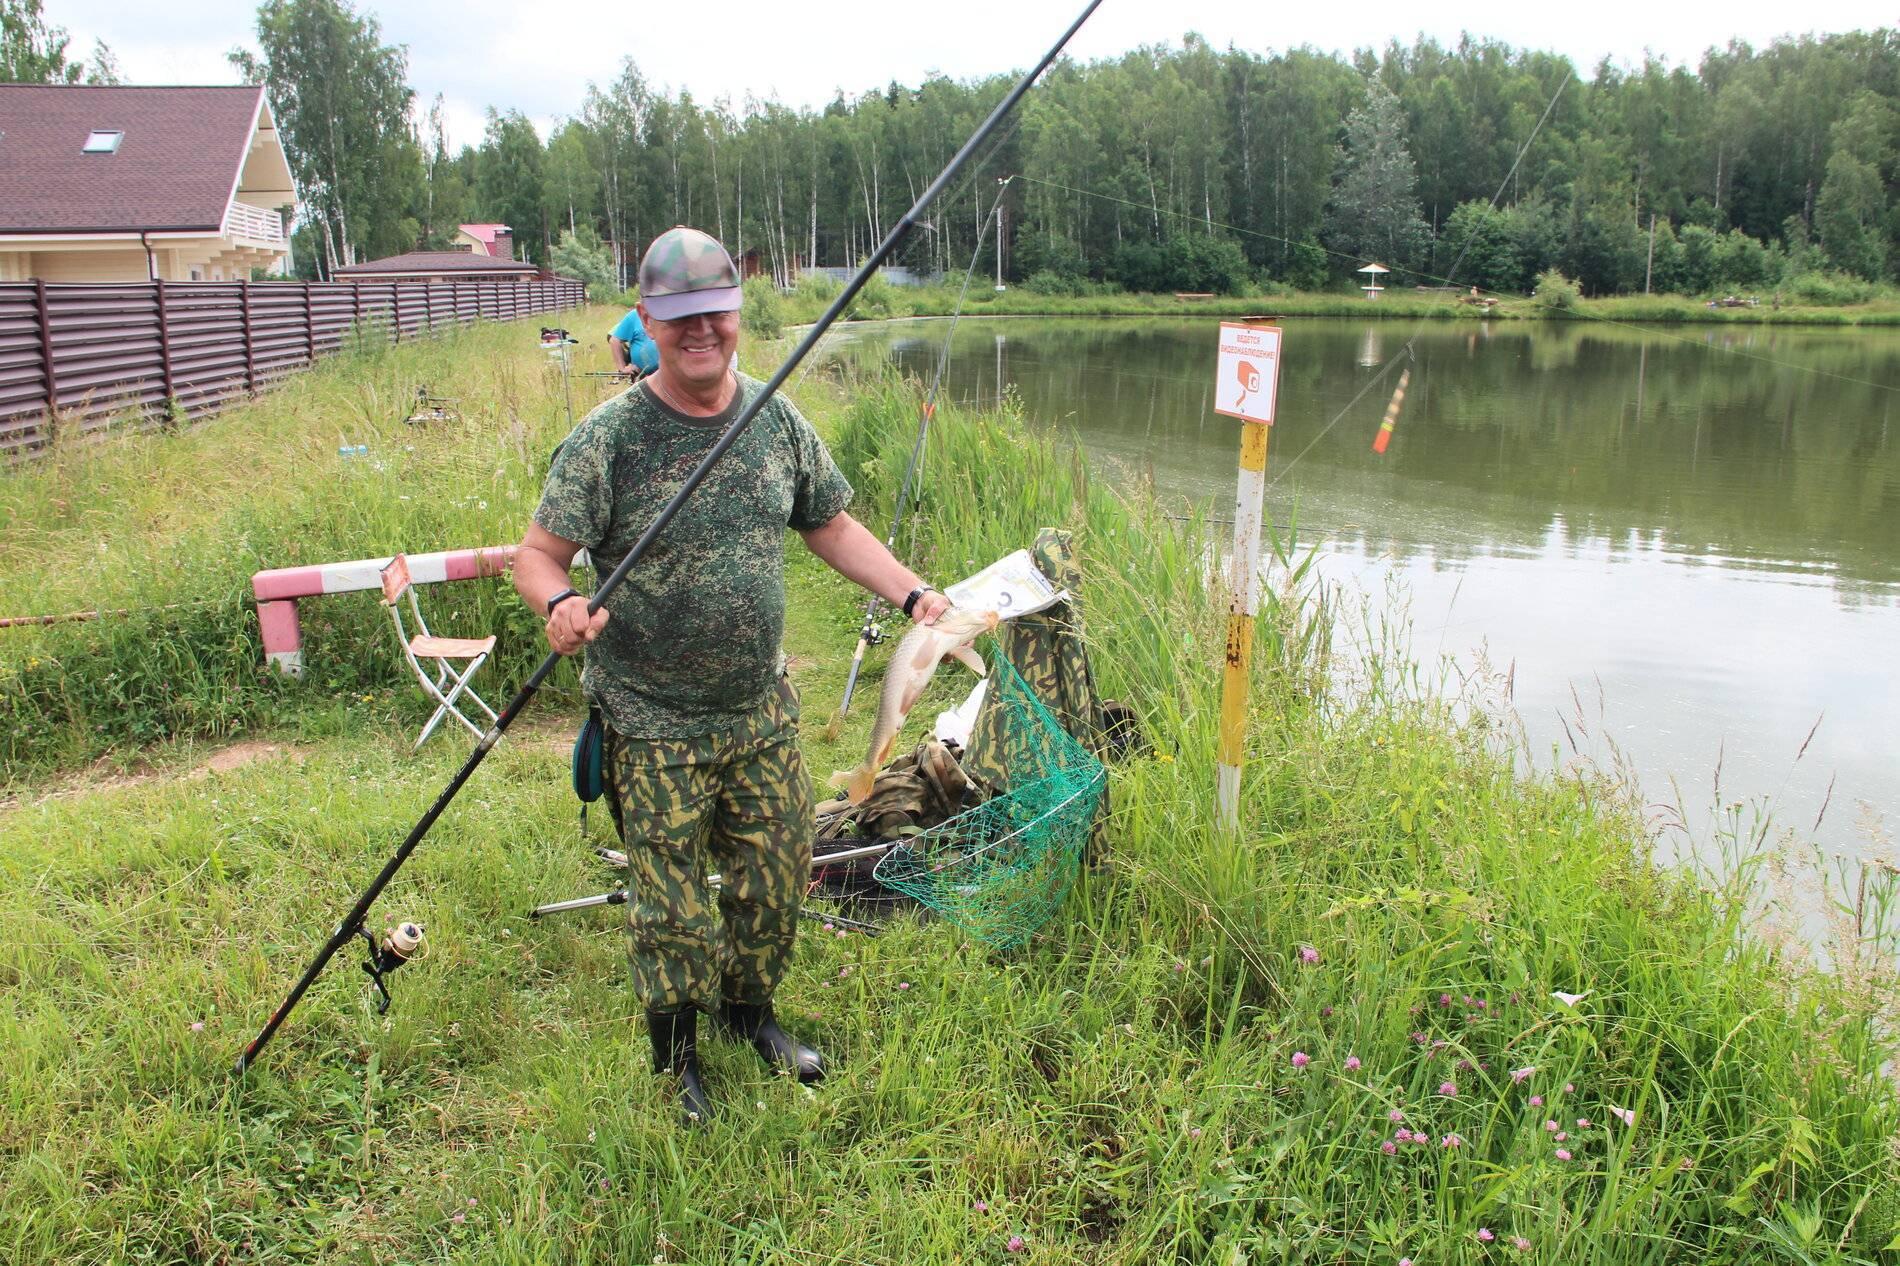 Подольское районное общество охотников и рыболовов, спортивная общественная организация